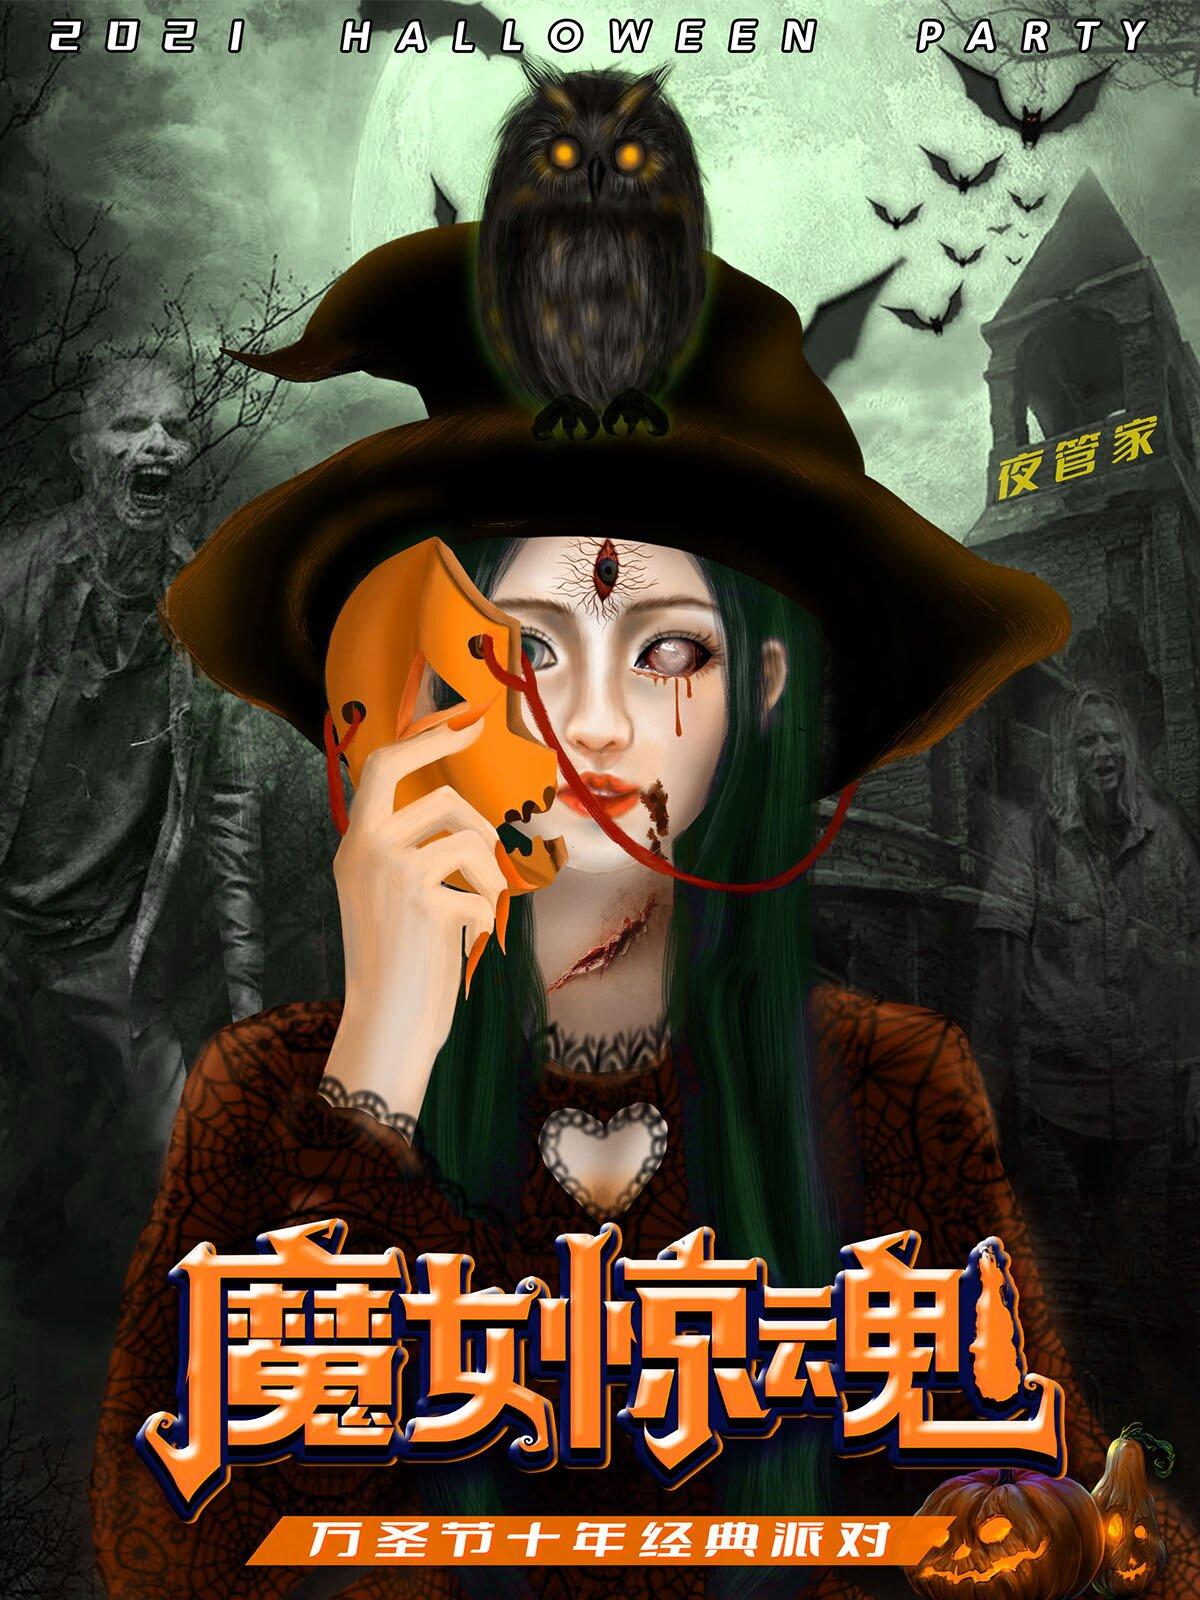 """【长沙】2021万圣节""""魔女惊魂""""变装惊悚派对 —奇幻变身,重获新生!"""